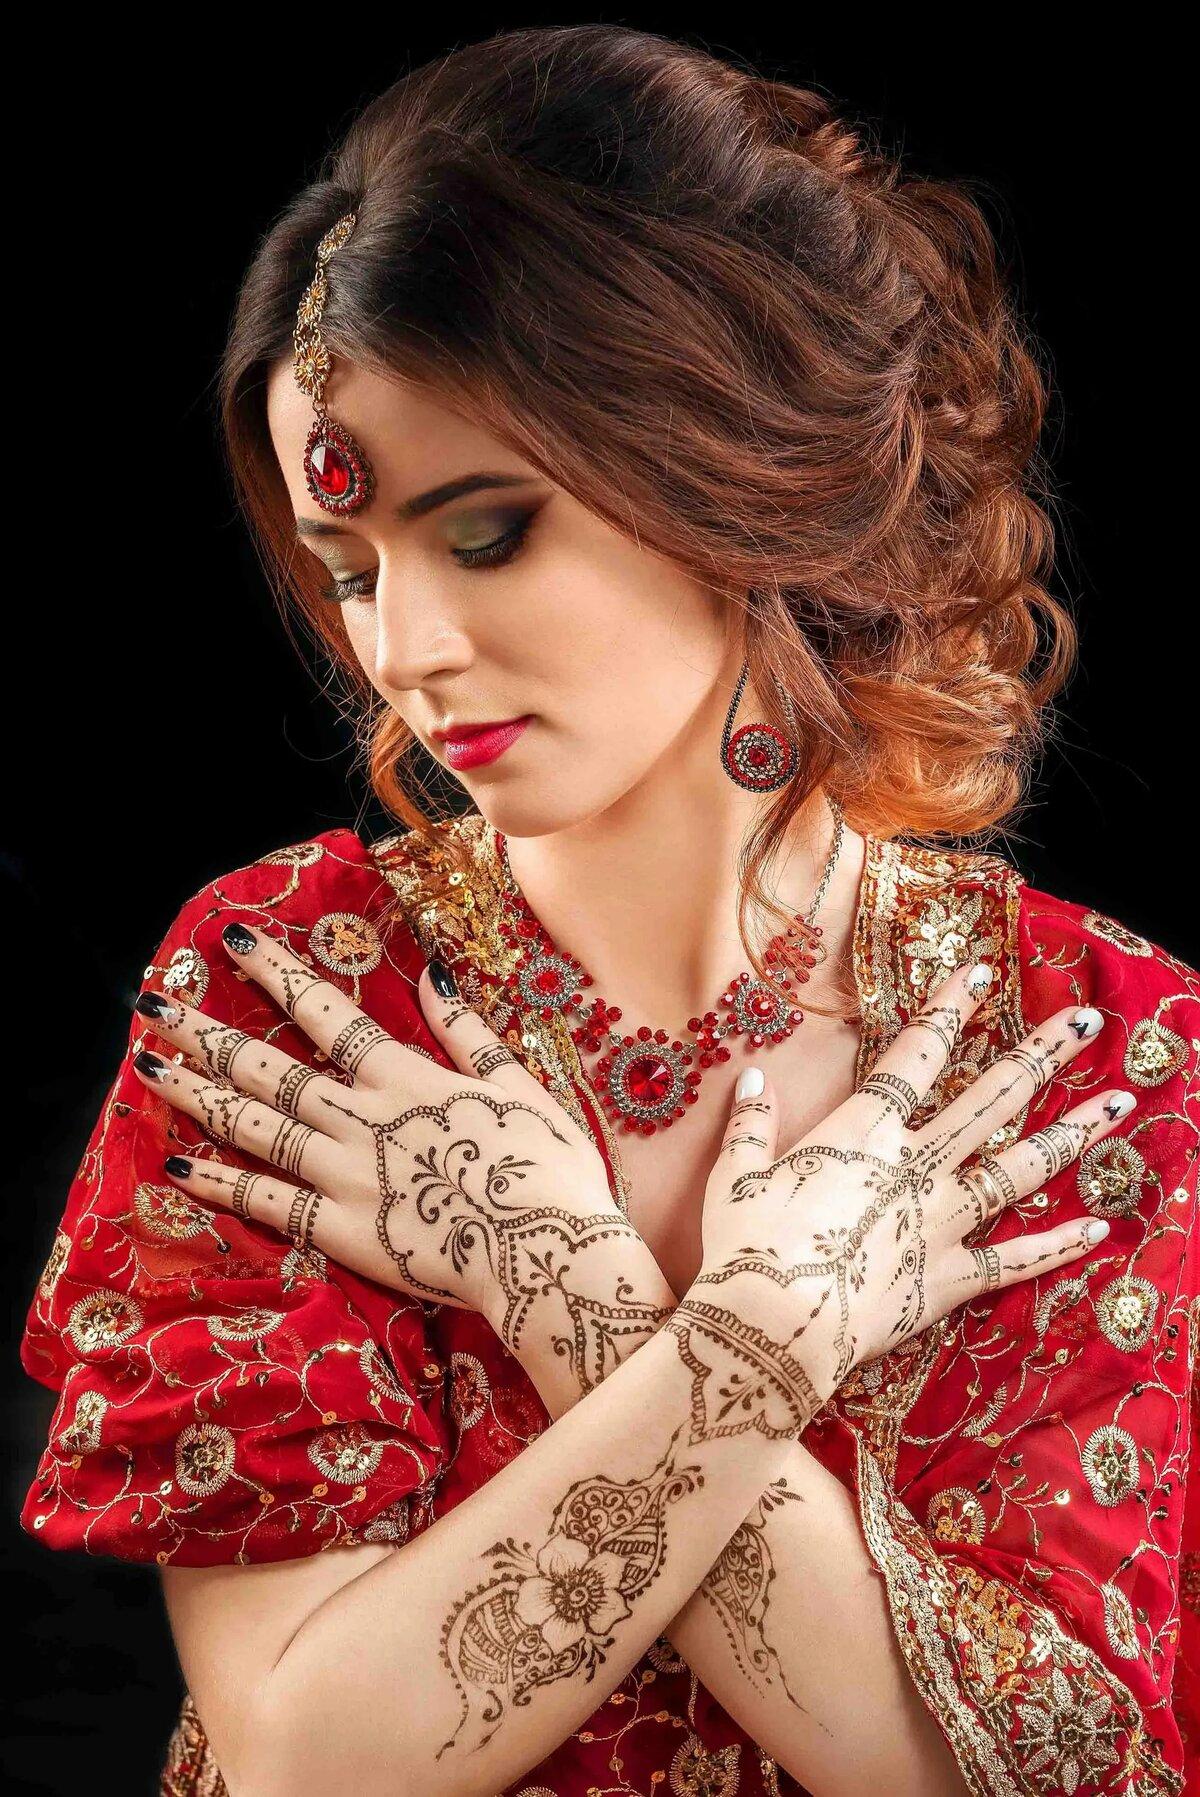 красивые картинки с индискими веб-каталоге имеются как